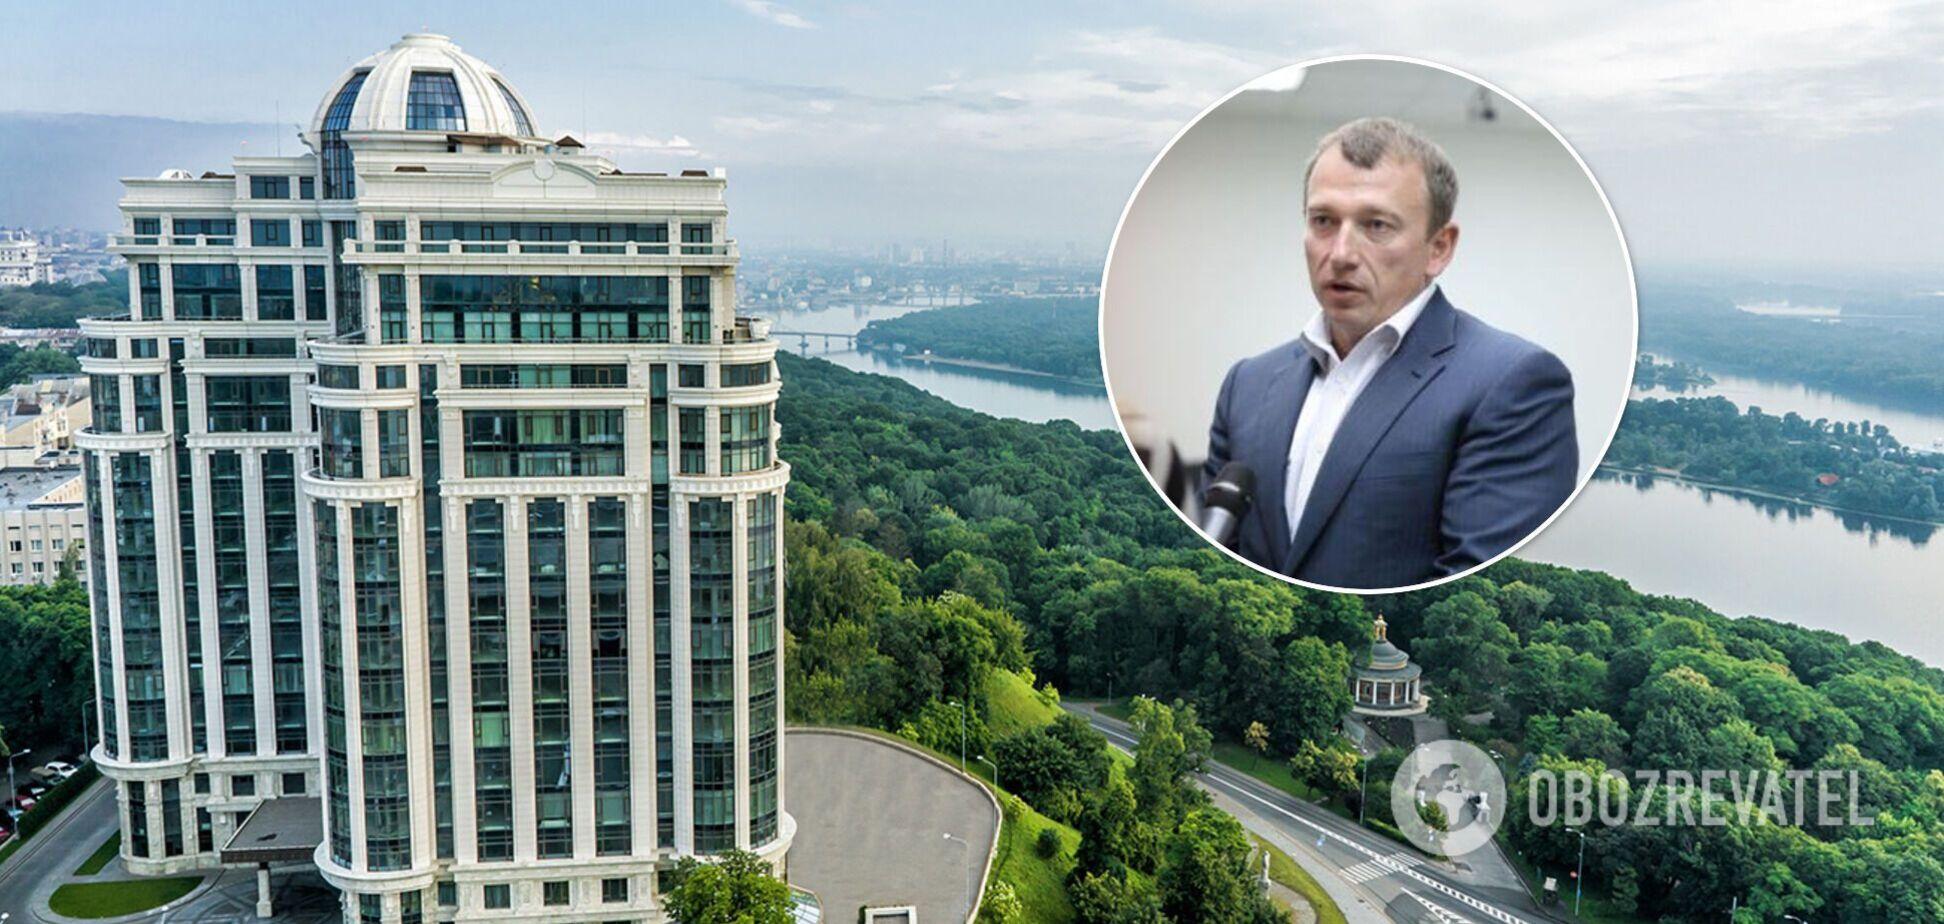 Родіон Бутко живе в центрі Києва і володіє 'Мілоаном'